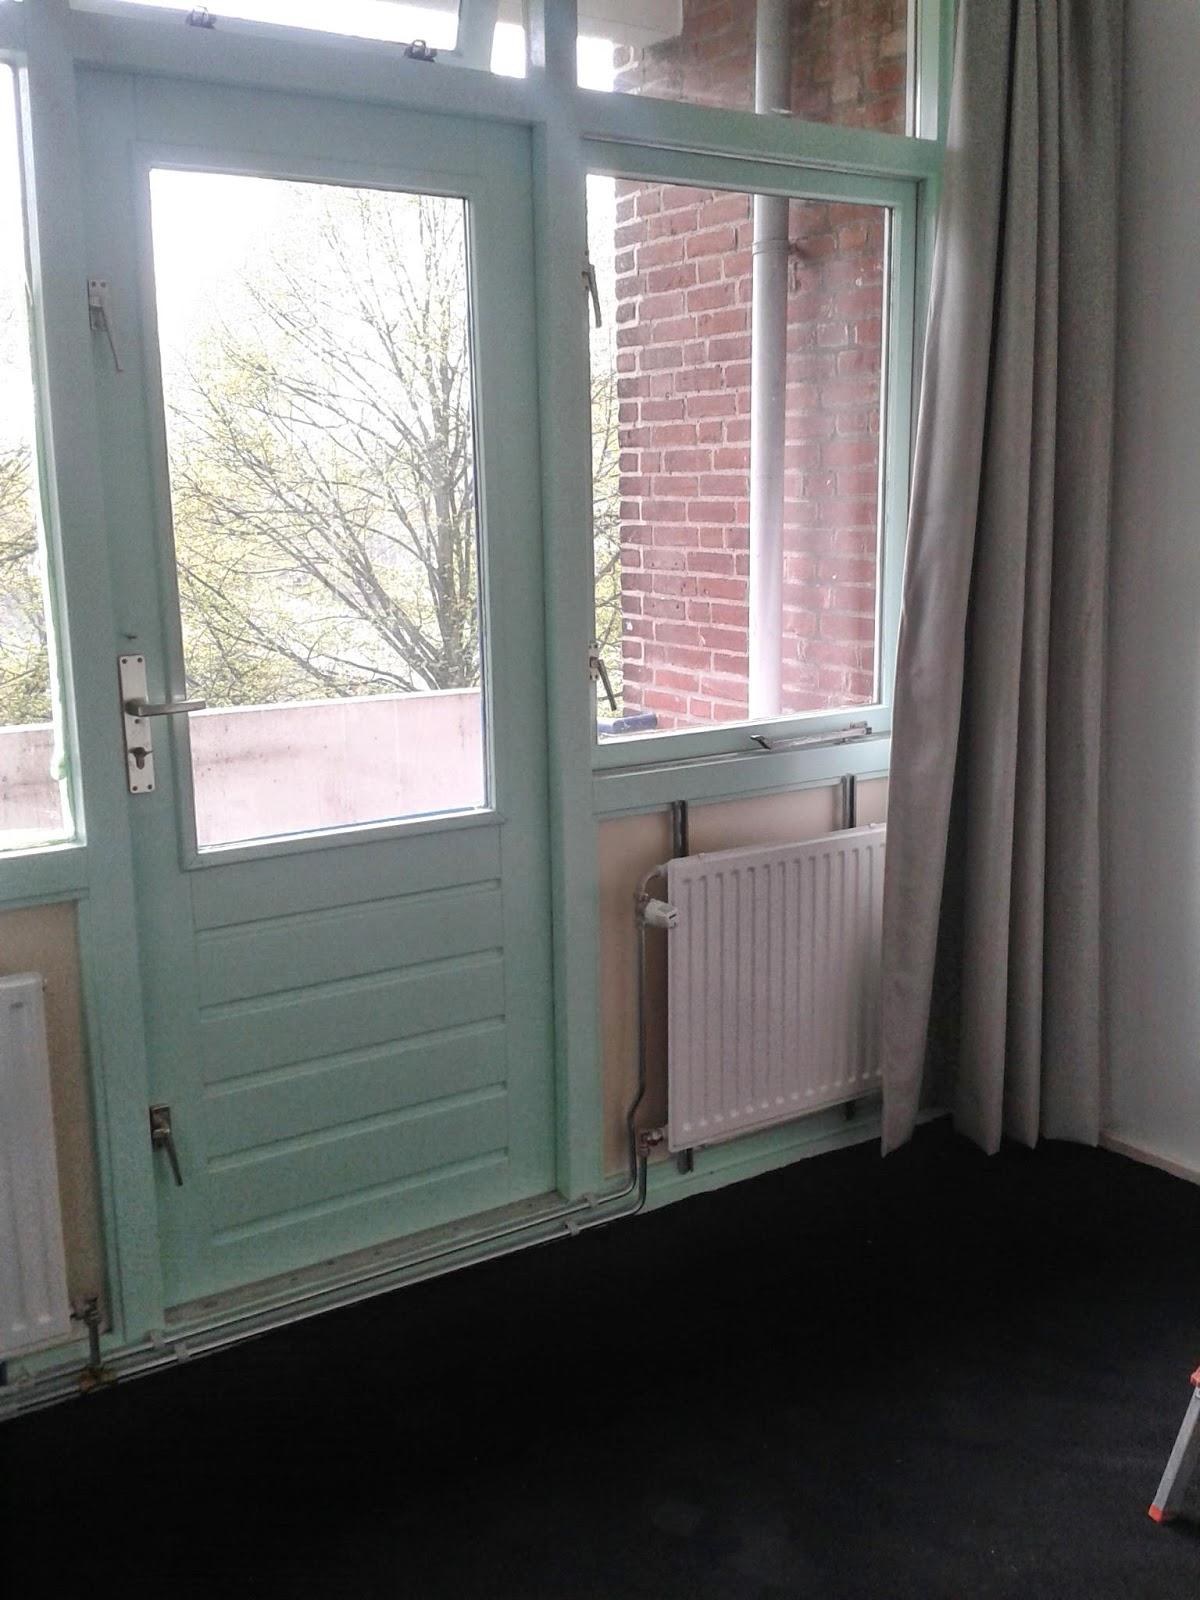 Mijn verhuis/interieur blog: april 2014